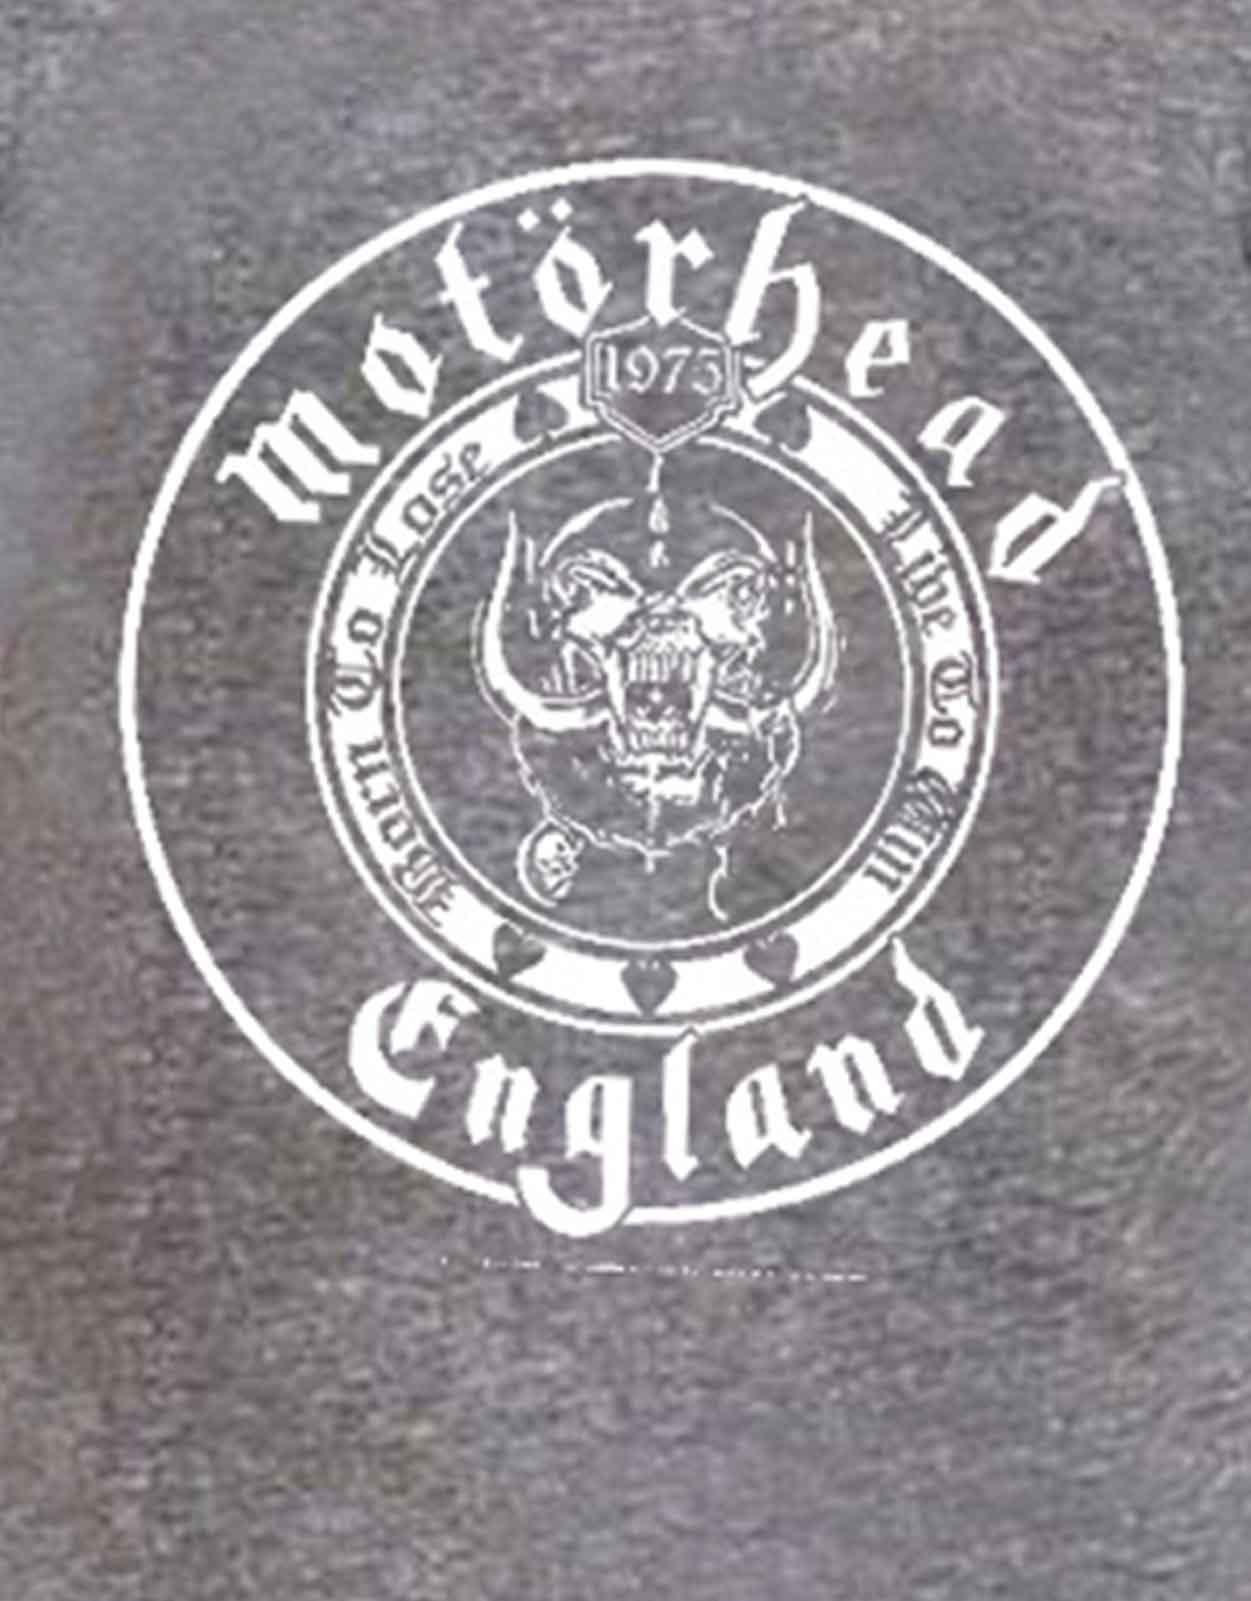 Motorhead-T-Shirt-Lemmy-RIP-England-warpig-clean-your-clock-official-new-mens miniature 31